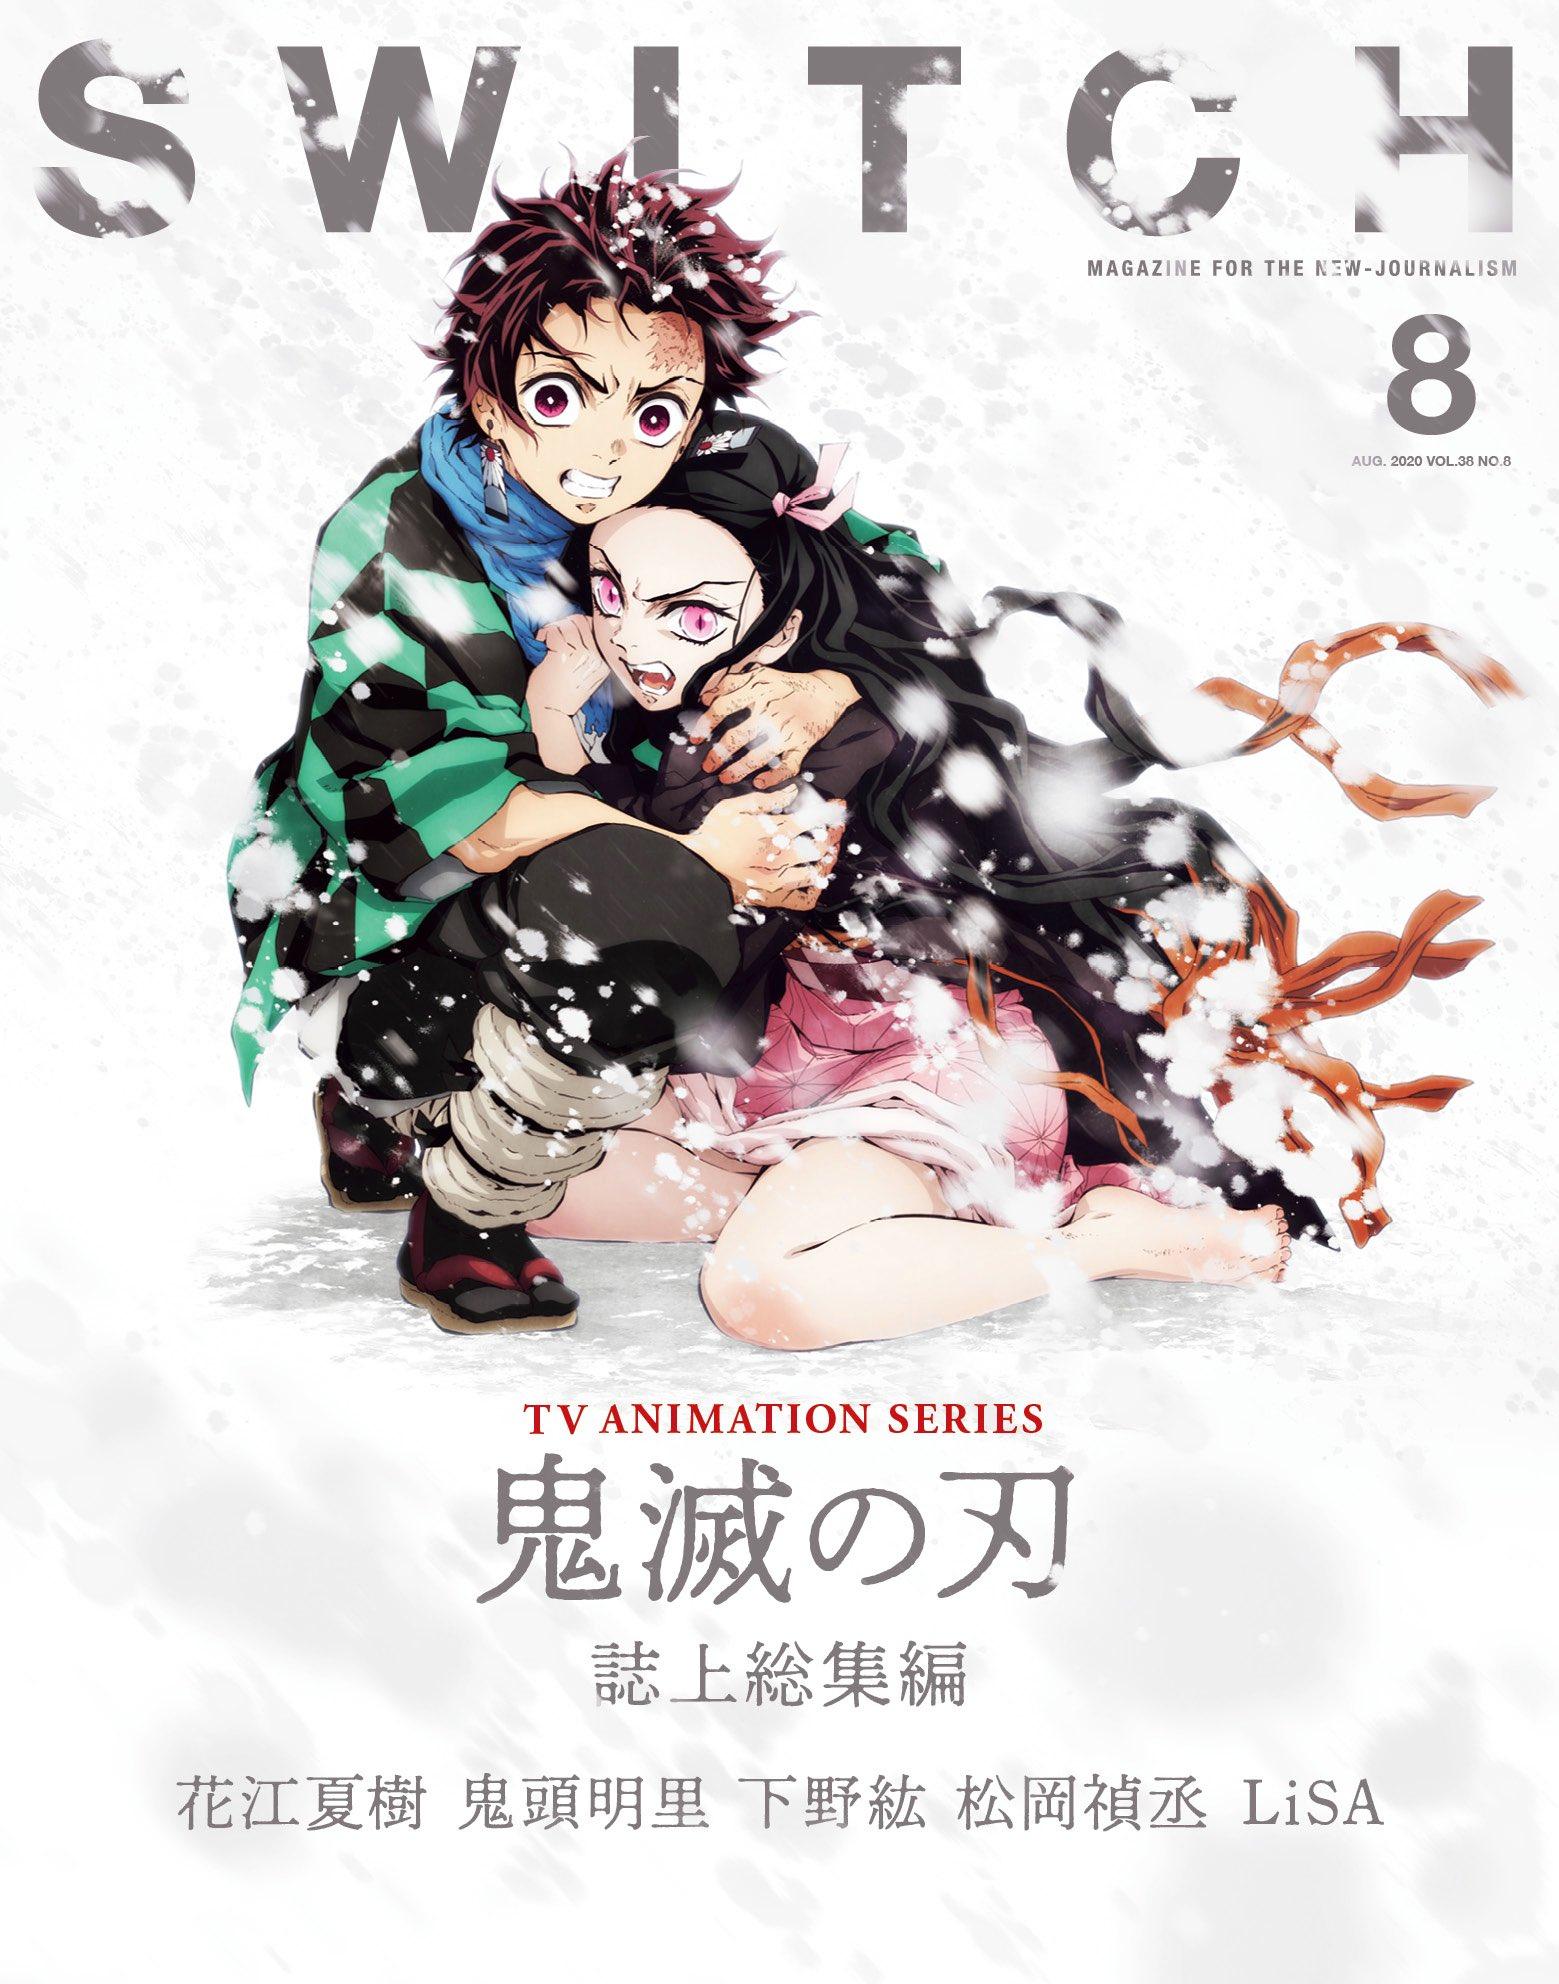 『鬼滅の刃』キャストコメントや全話振り返りなどアニメの魅力を大特集!雑誌「SWITCH Vol.38」予約受付中